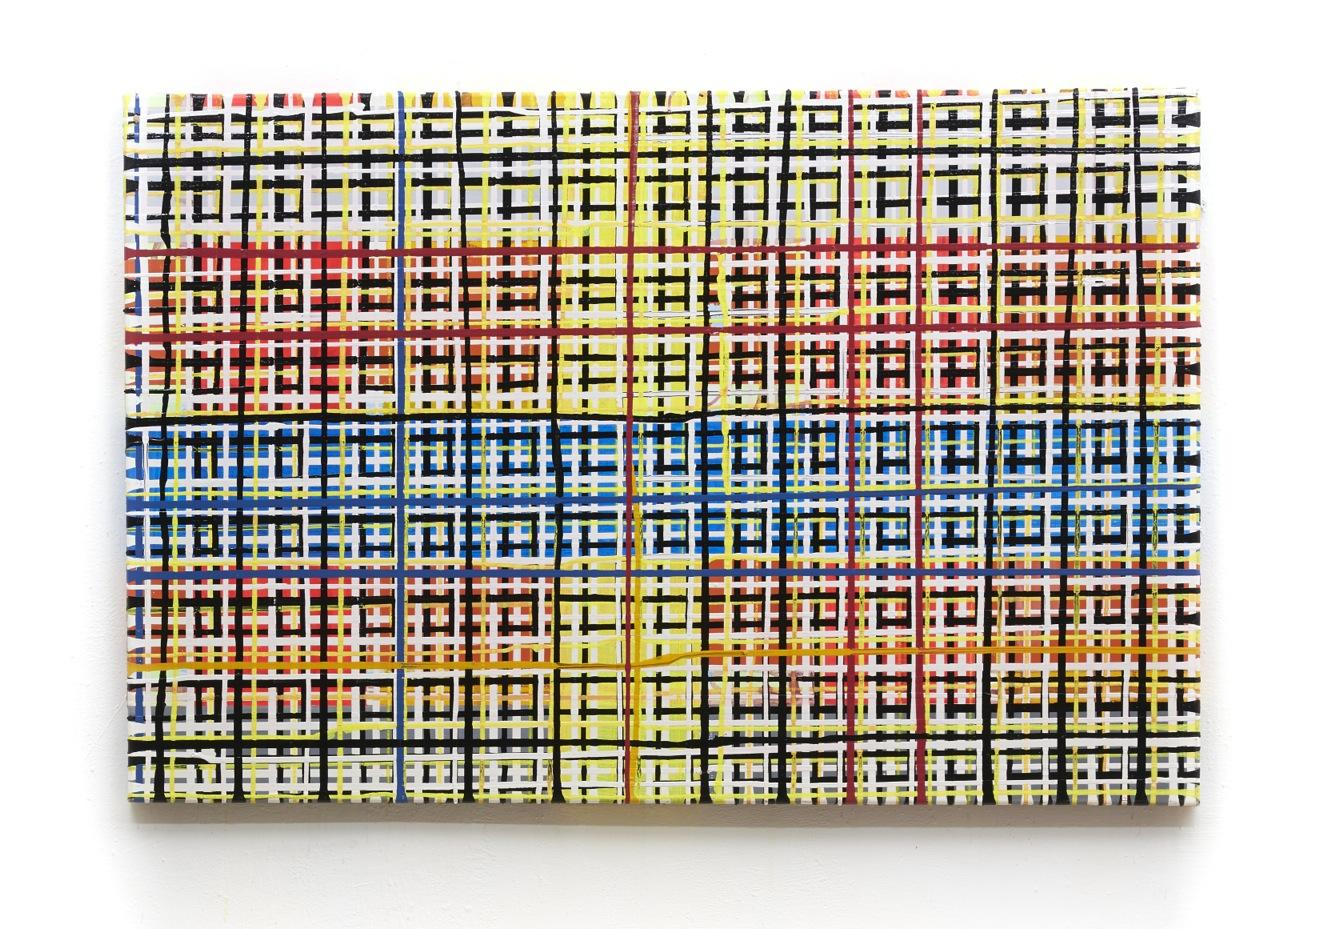 E-Gitter, 140 x 80 cm, Acryl auf Leinwand, 2006